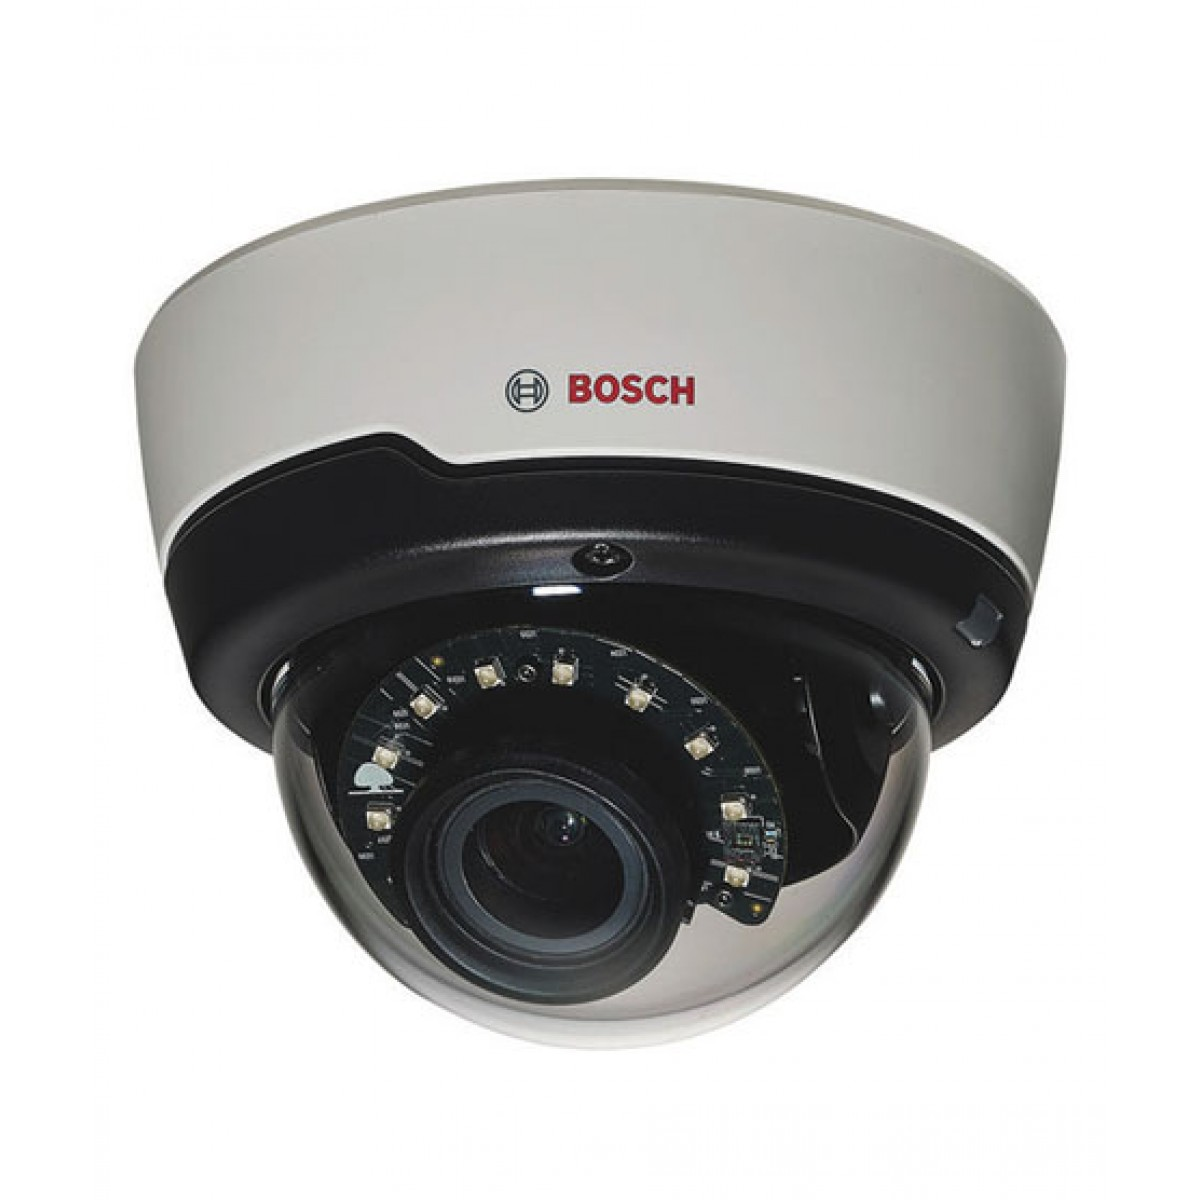 Bosch FLEXIDOME IP 4000 HD Dome Camera